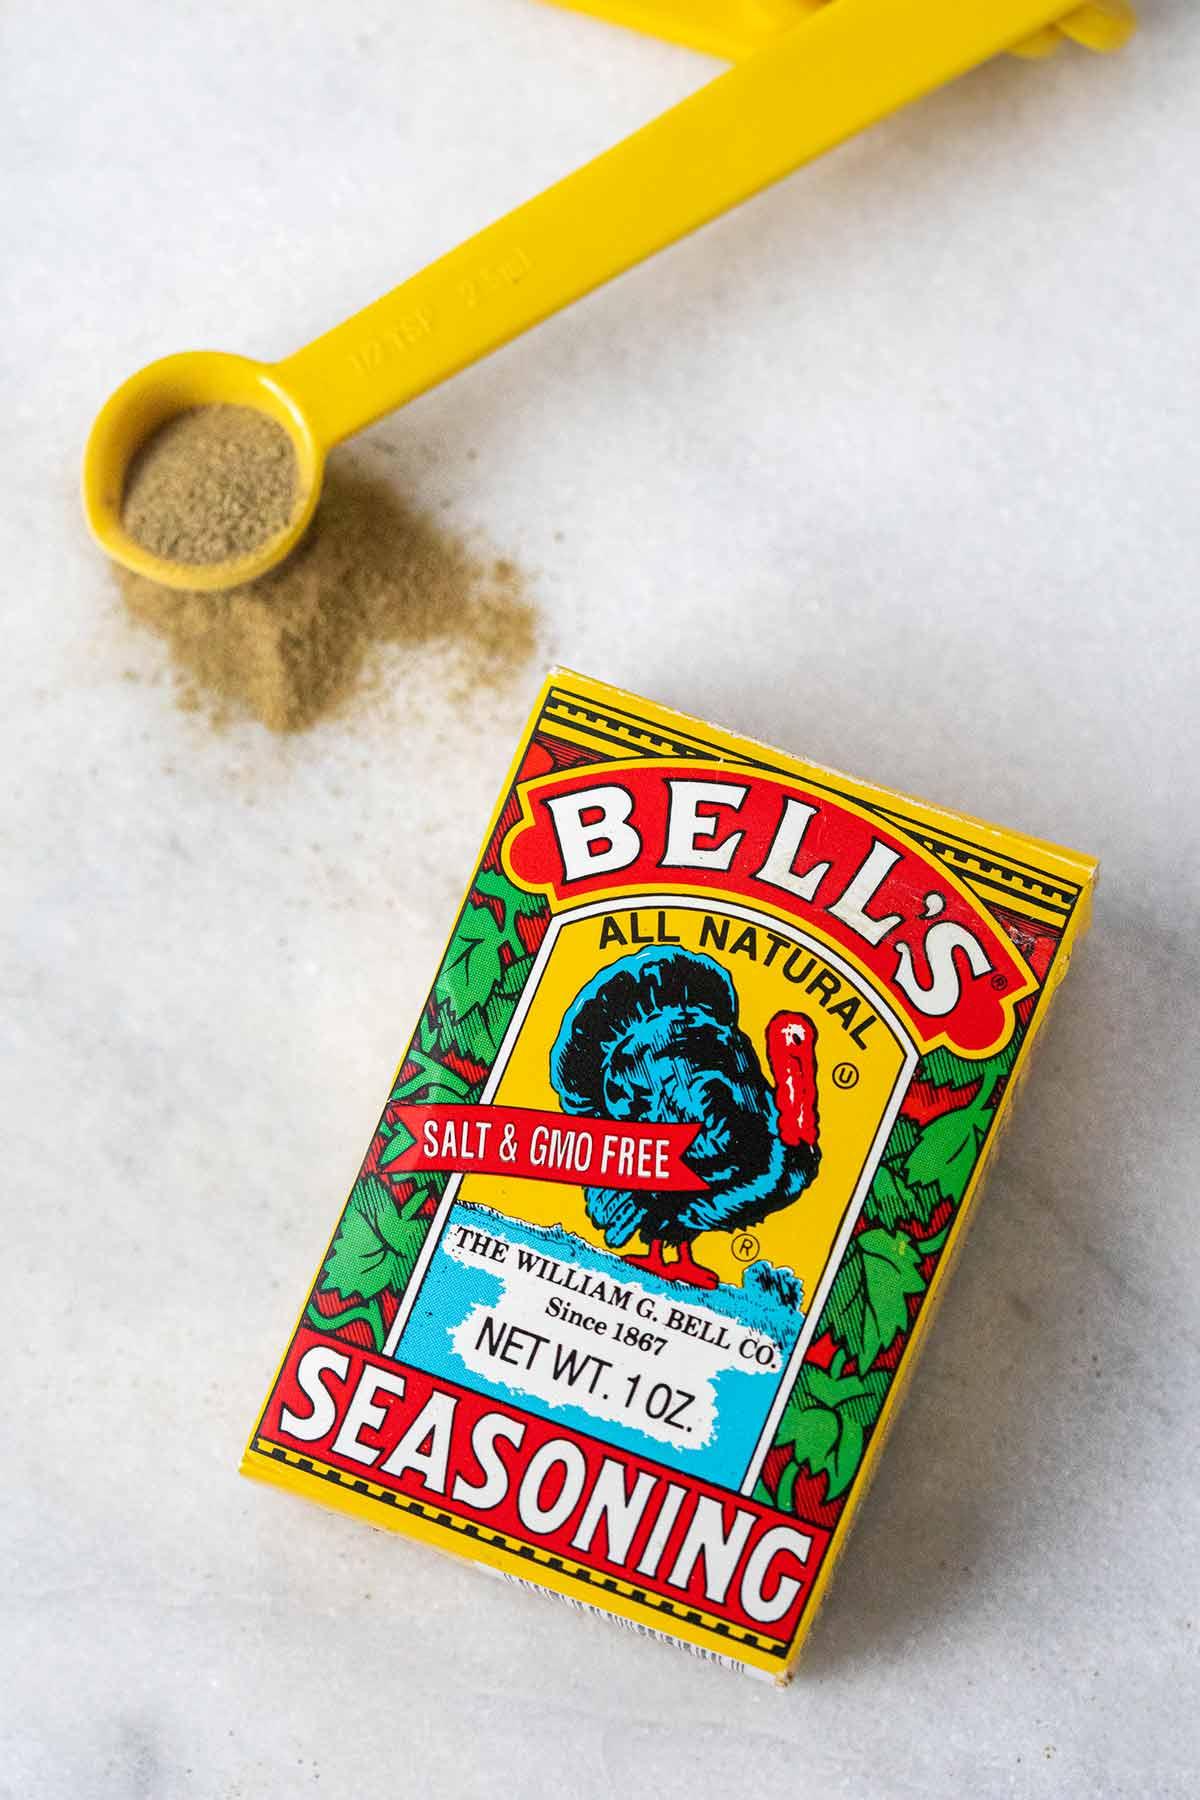 What is Bell's Seasoning?